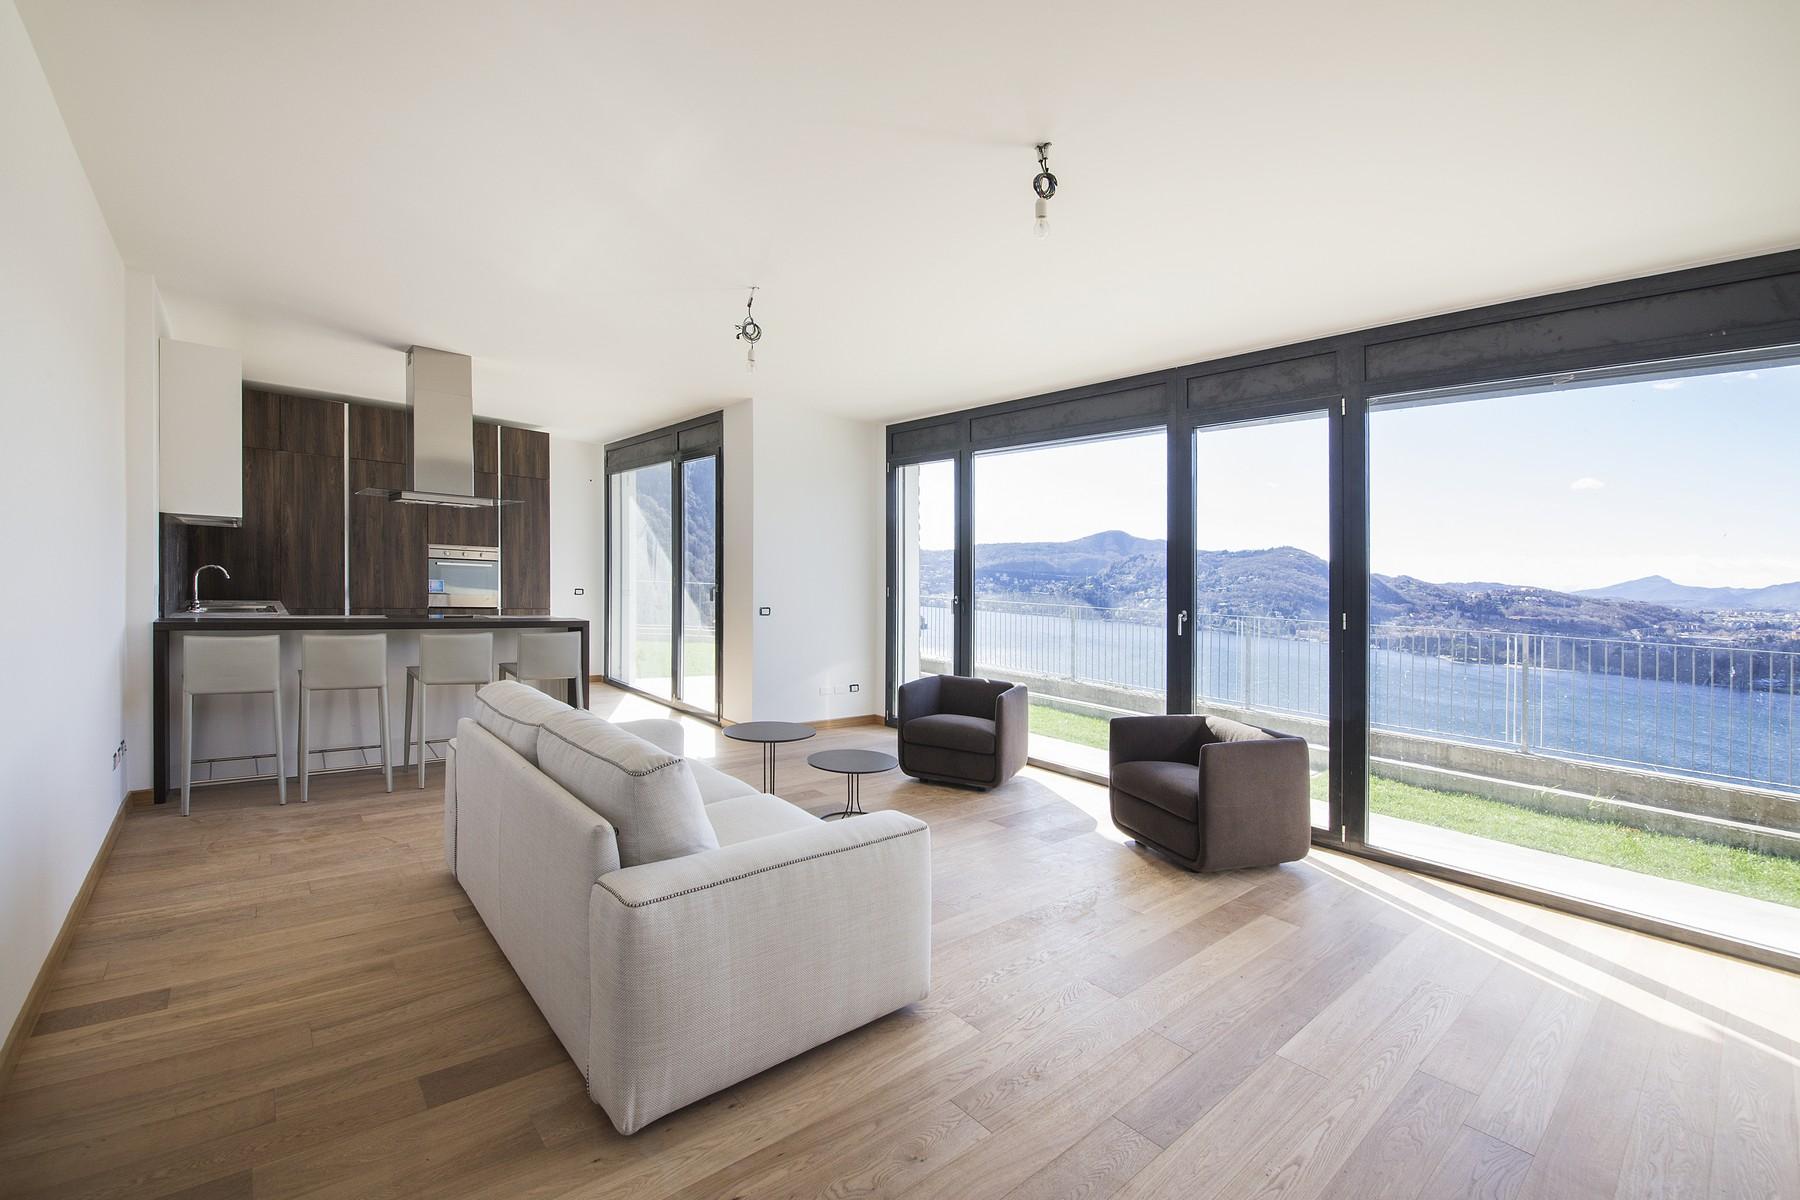 شقة للـ Sale في Modern apartment with private garden and amazing lake views Blevio, Como, Italy